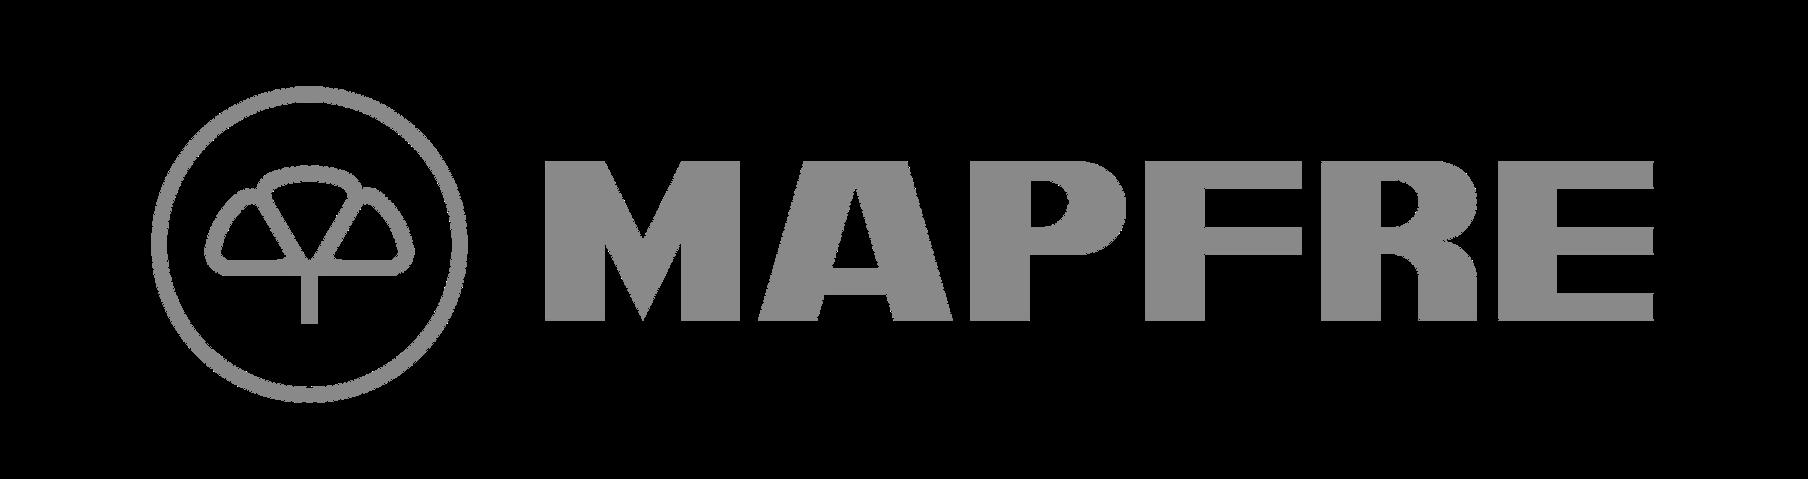 29 MAPFRE-logo - transparent.png